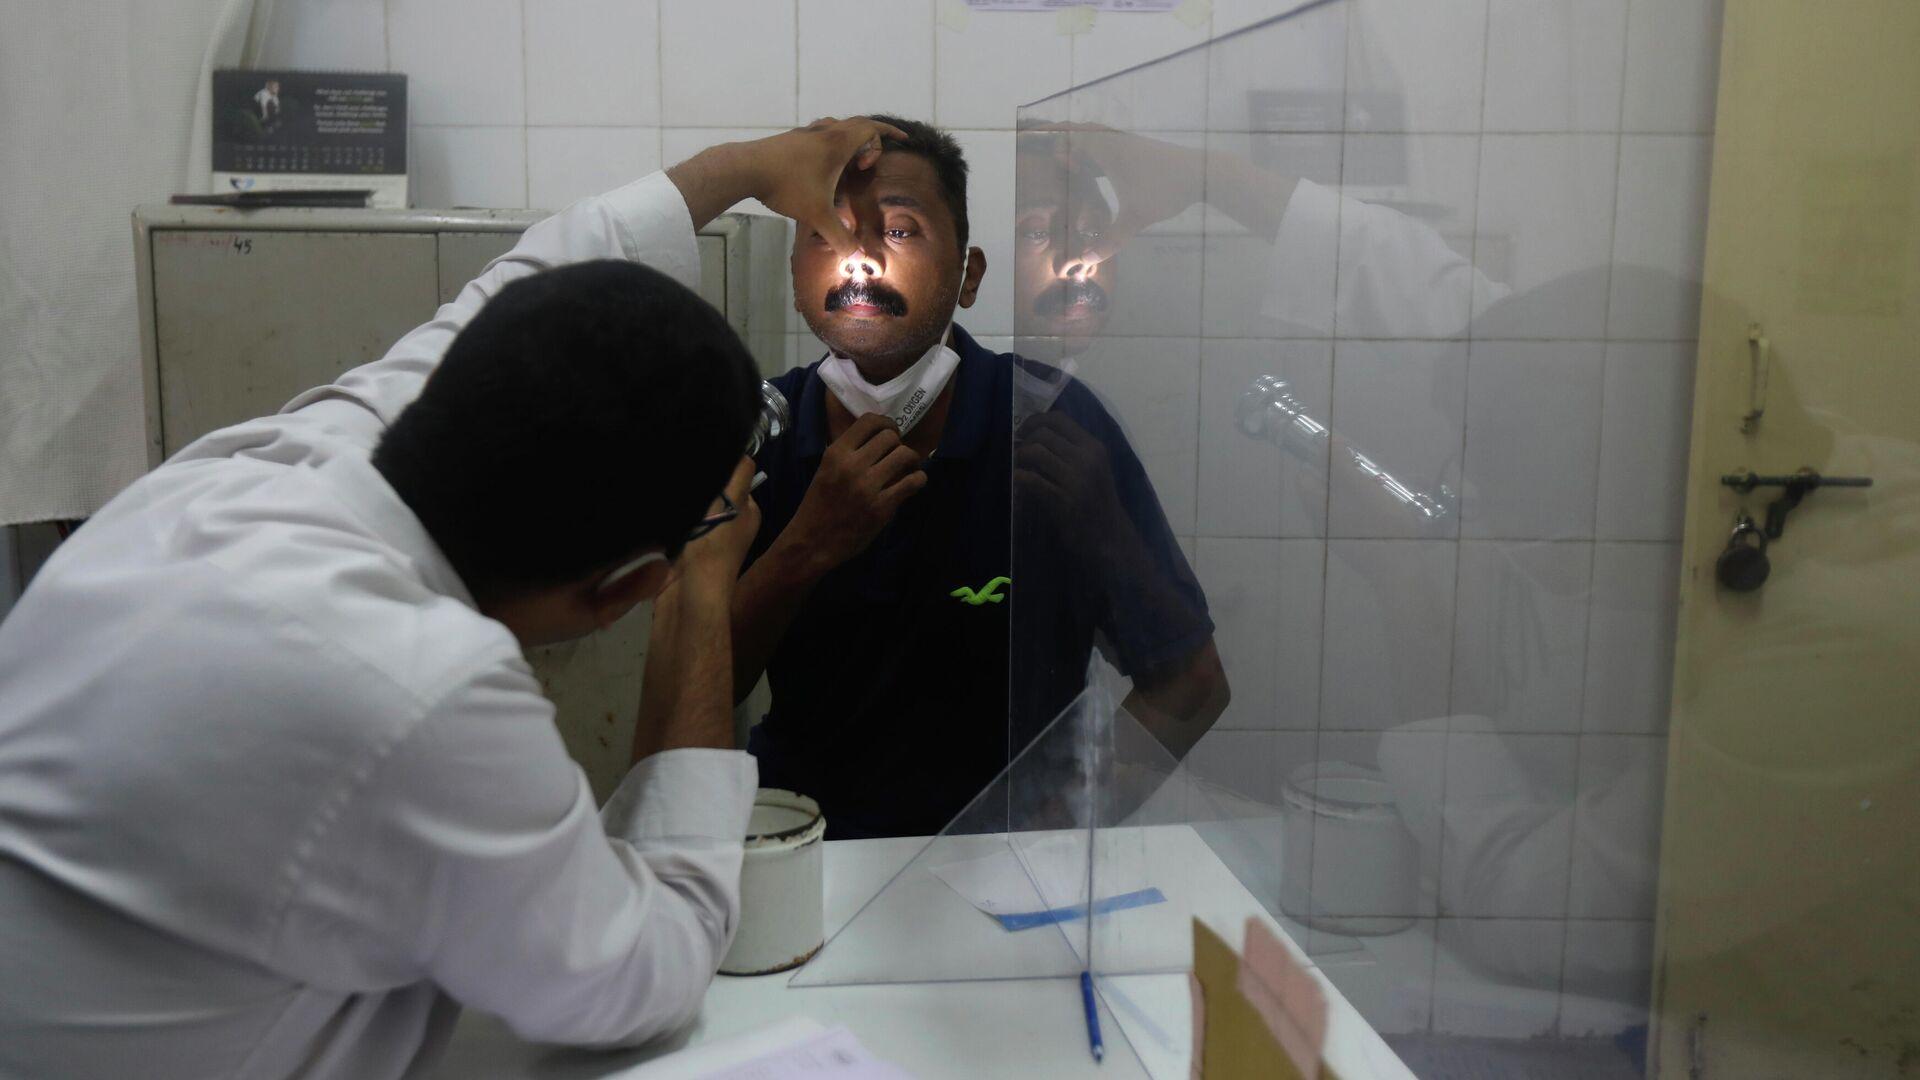 Врач осматривает мужчину на предмет симптомов мукормикоза в больнице Мумбаи в Индии - РИА Новости, 1920, 11.06.2021